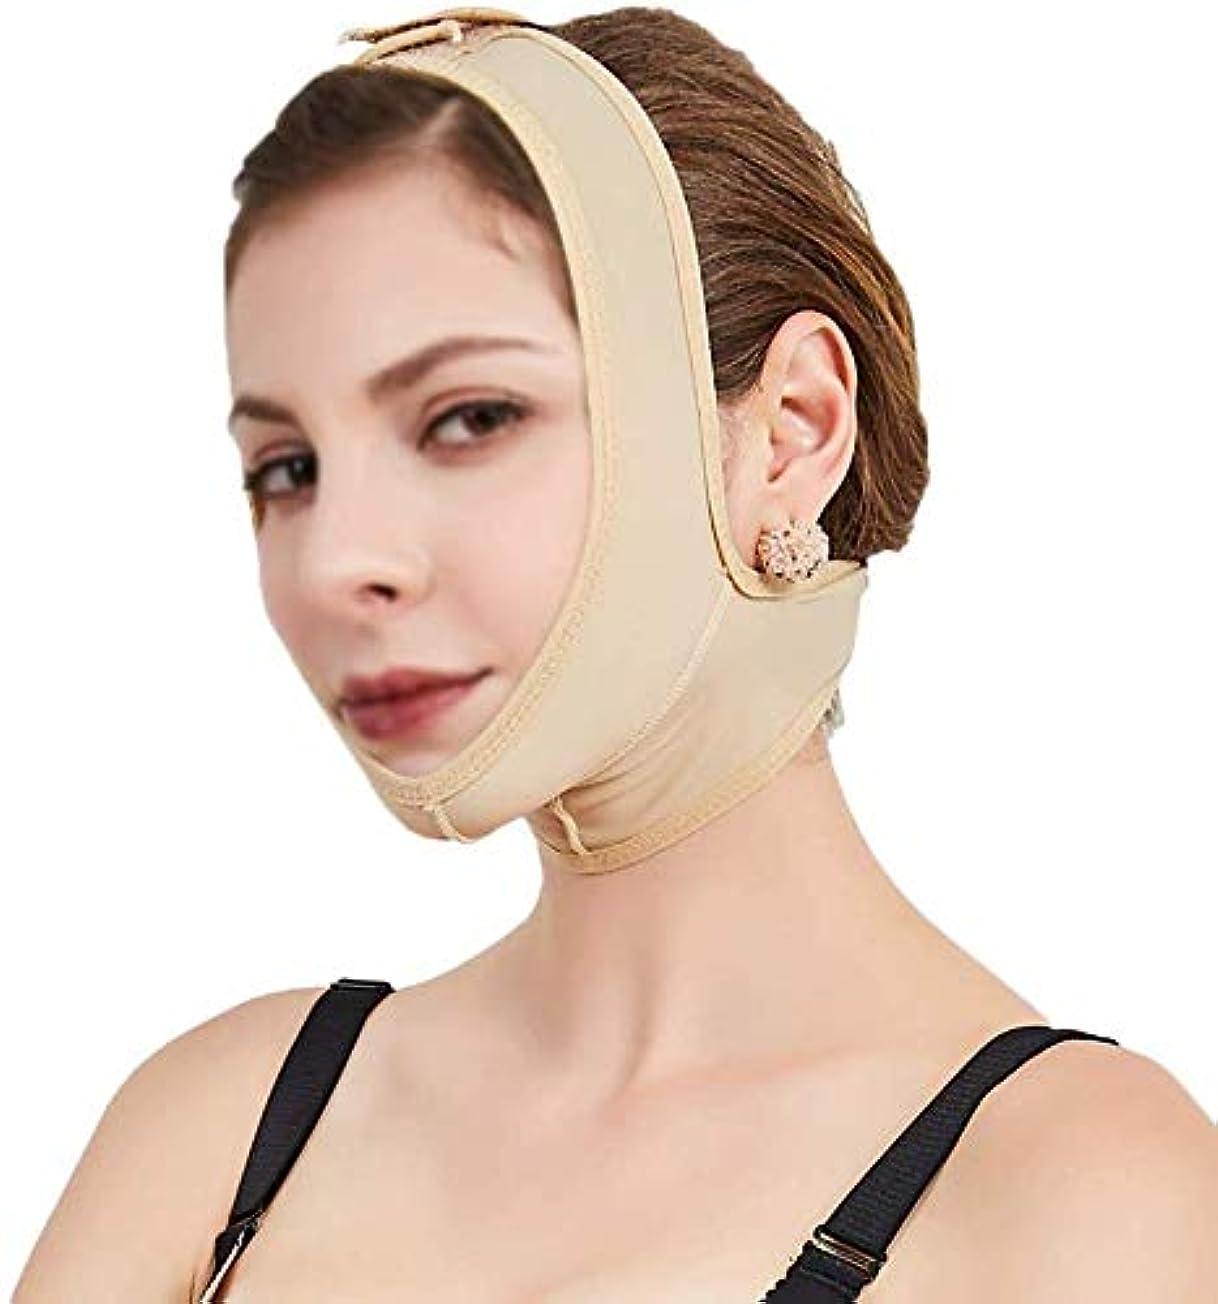 インフルエンザ詳細に定期的にスリミングVフェイスマスク、顔と首リフト後弾性スリーブ下顎骨セット顔アーティファクトV顔顔面バンドルダブルあごマスク(サイズ:XXL)